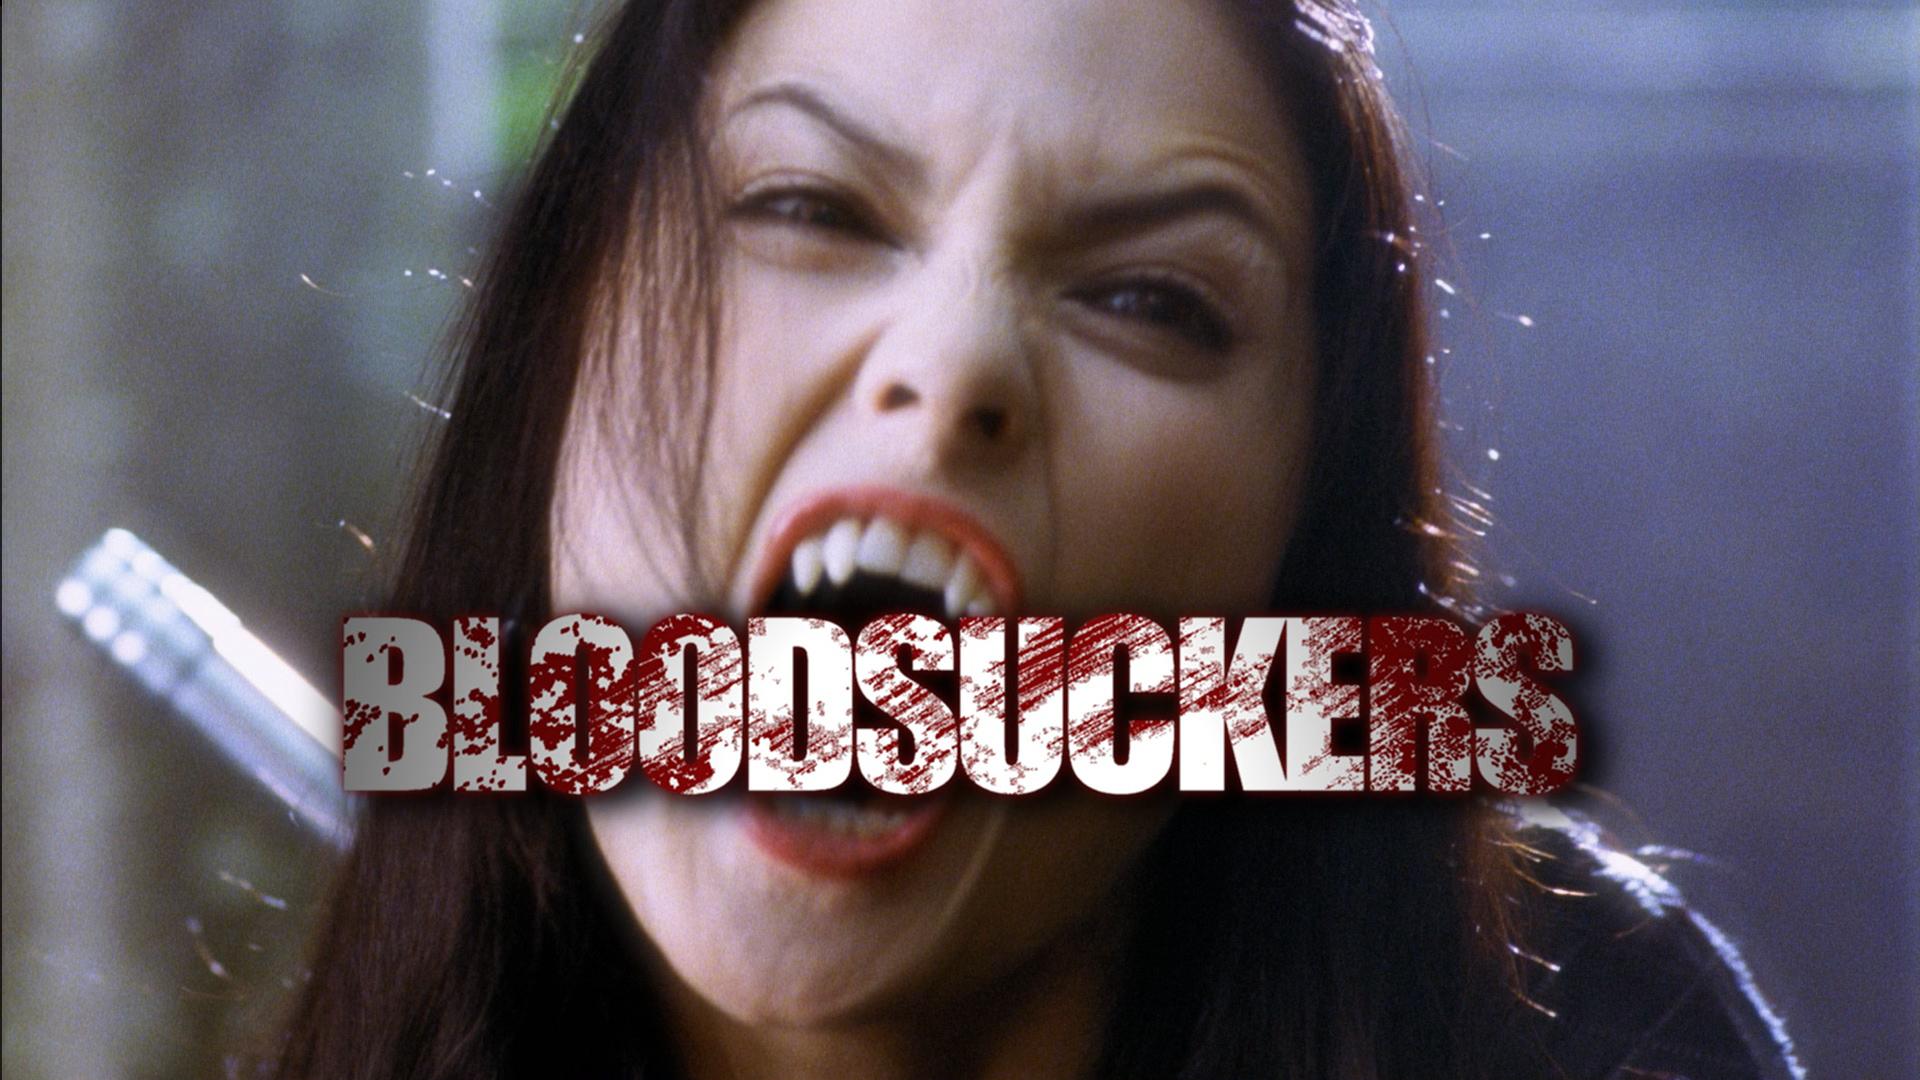 Bloodsuckers .01_00_12_17.Still001.jpg